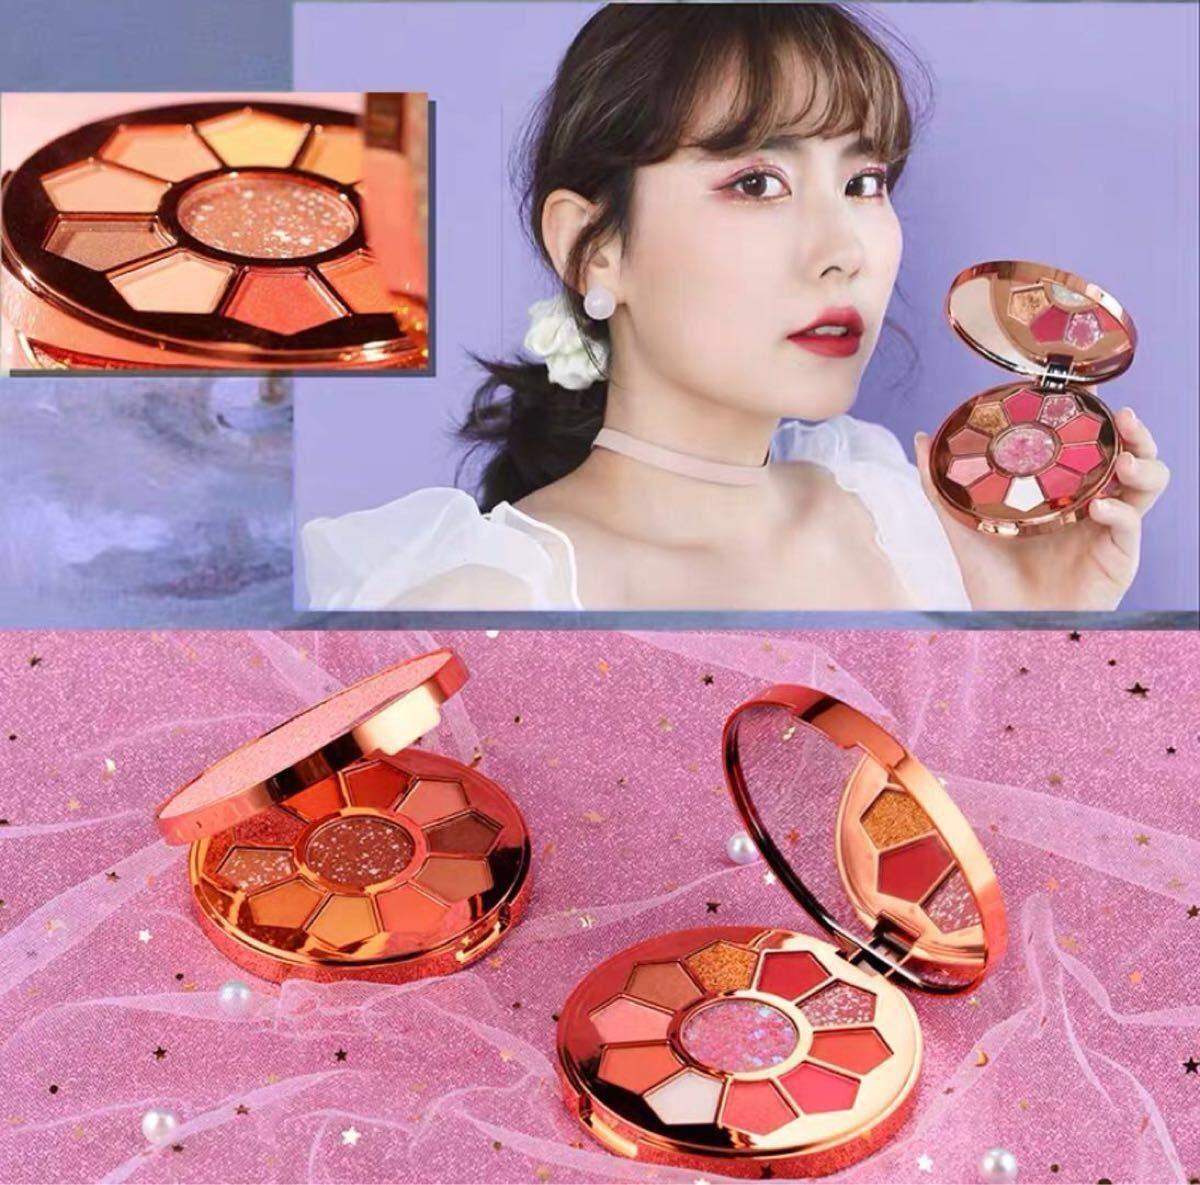 新品 アイシャドウ パレット 中国コスメ  赤 チャイボーグ